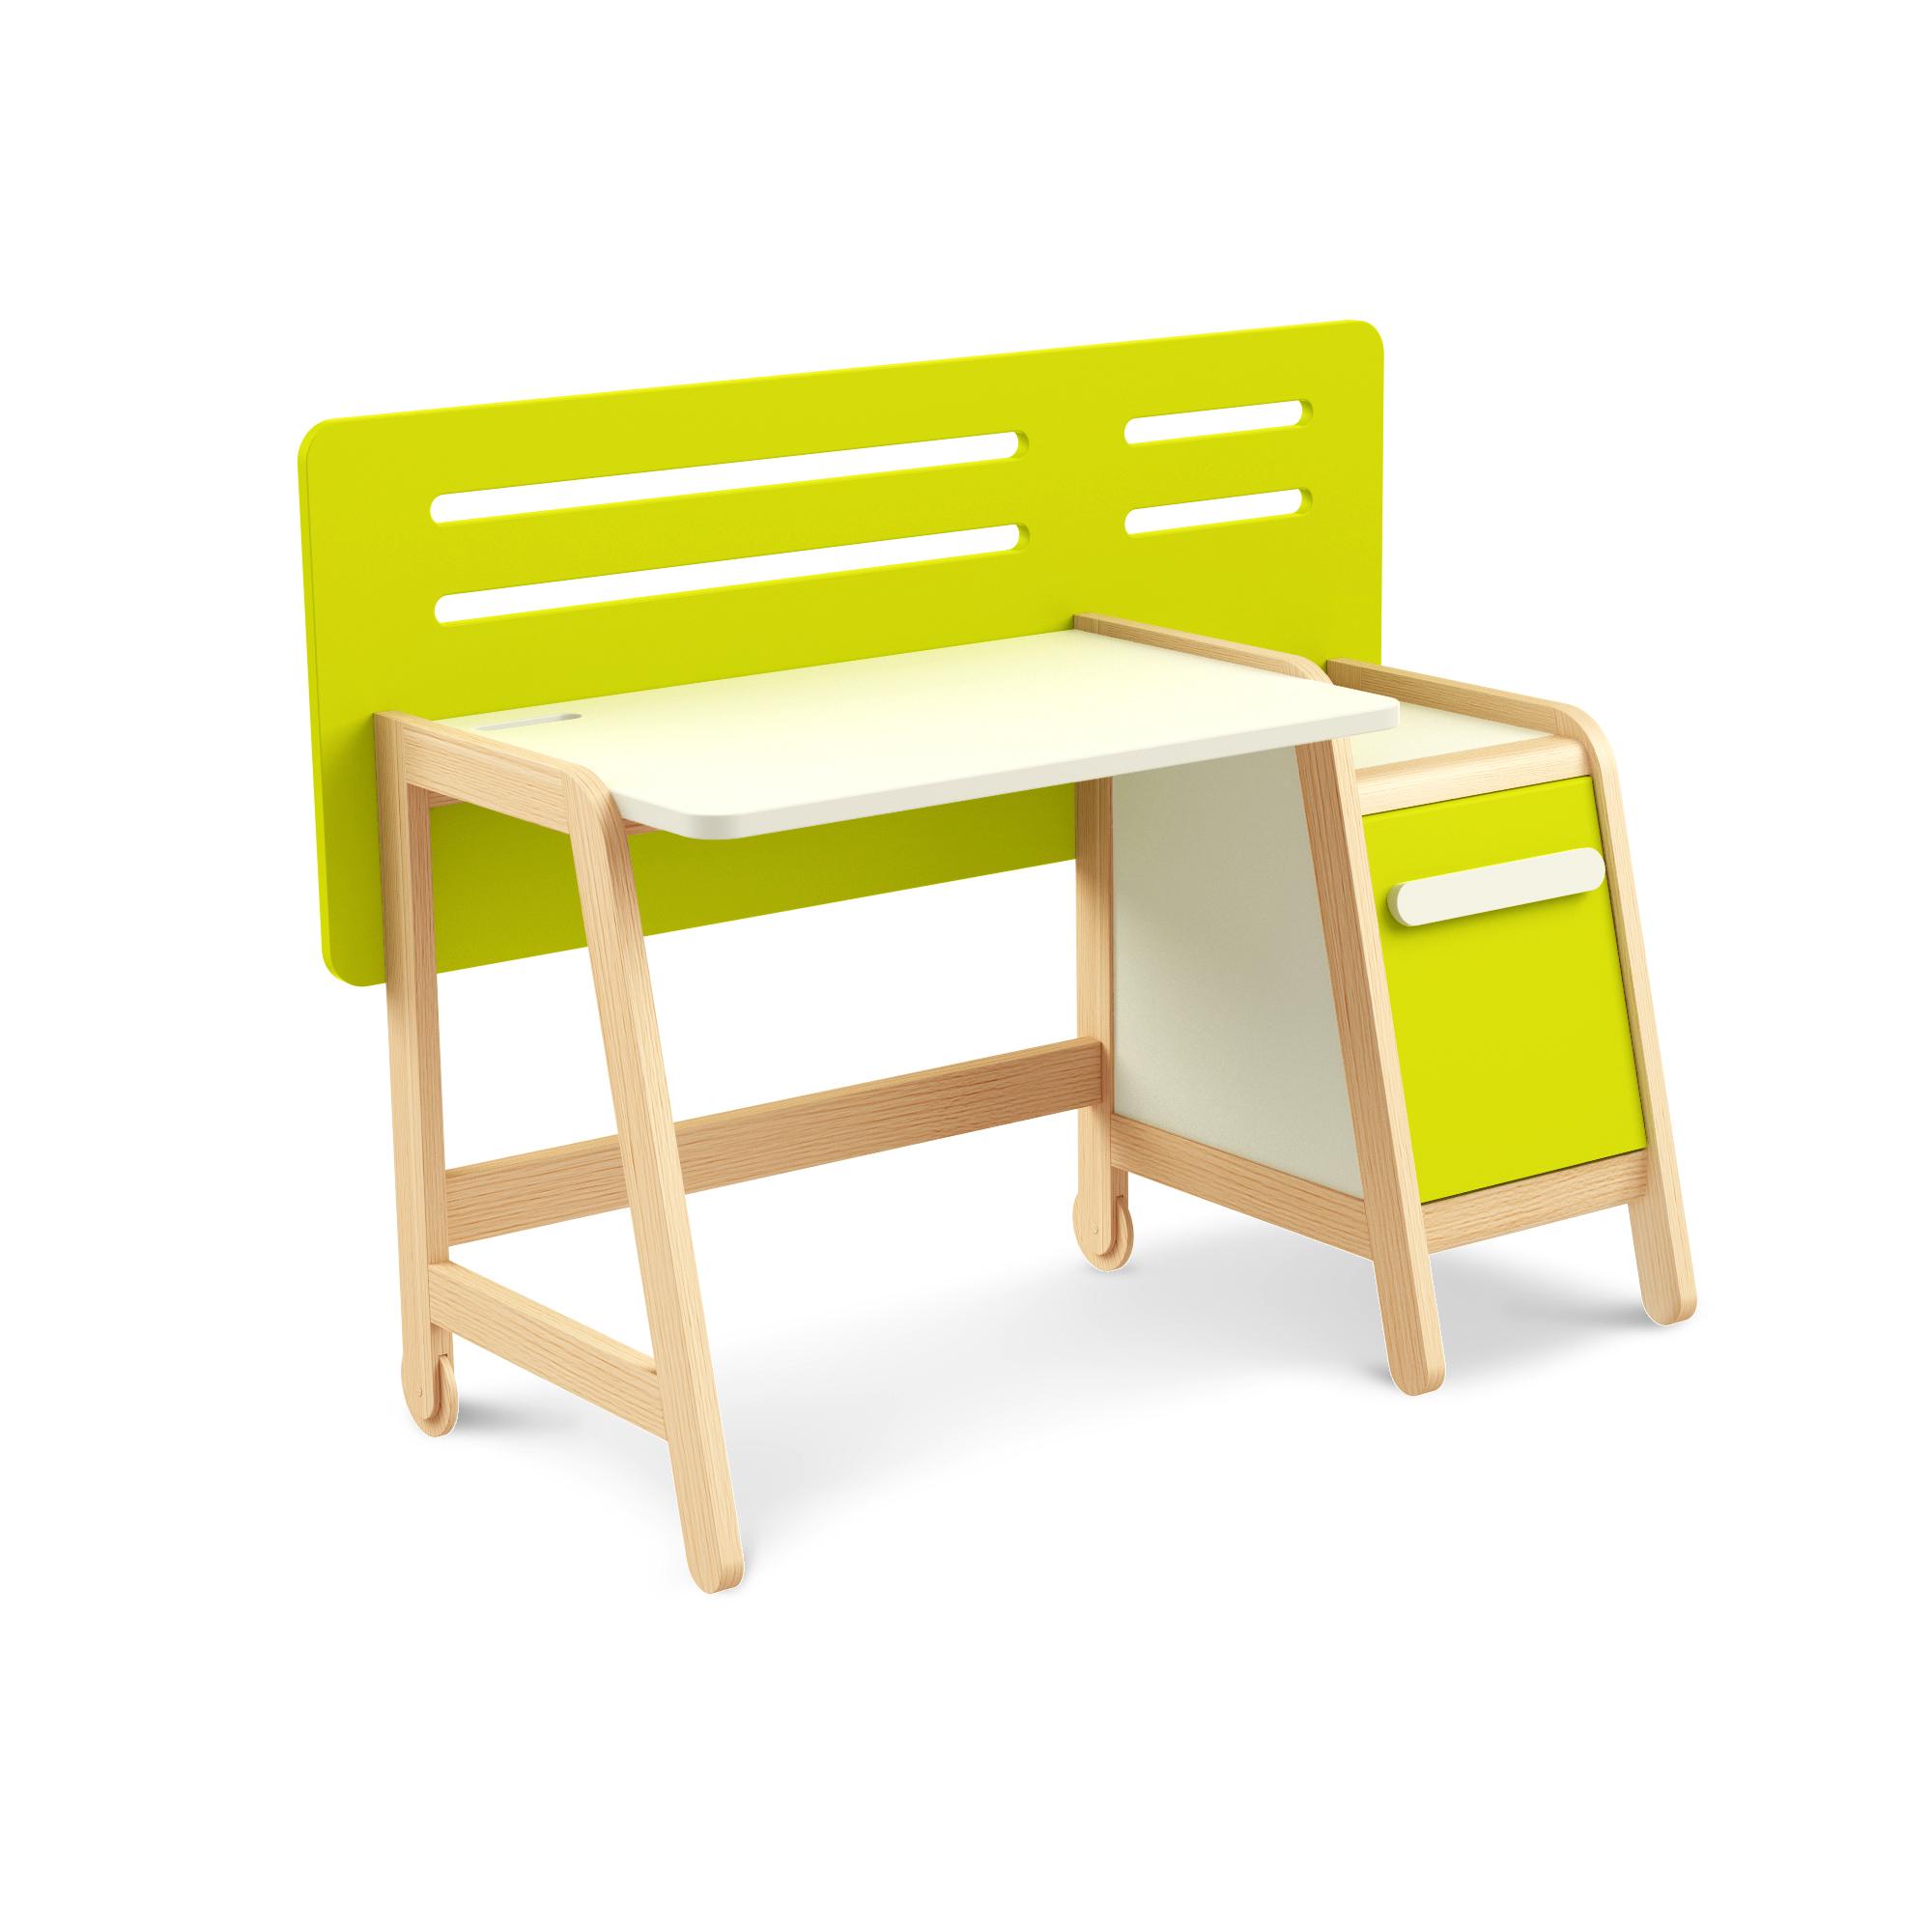 Schreibtisch Simple Green mit Container, Timoore